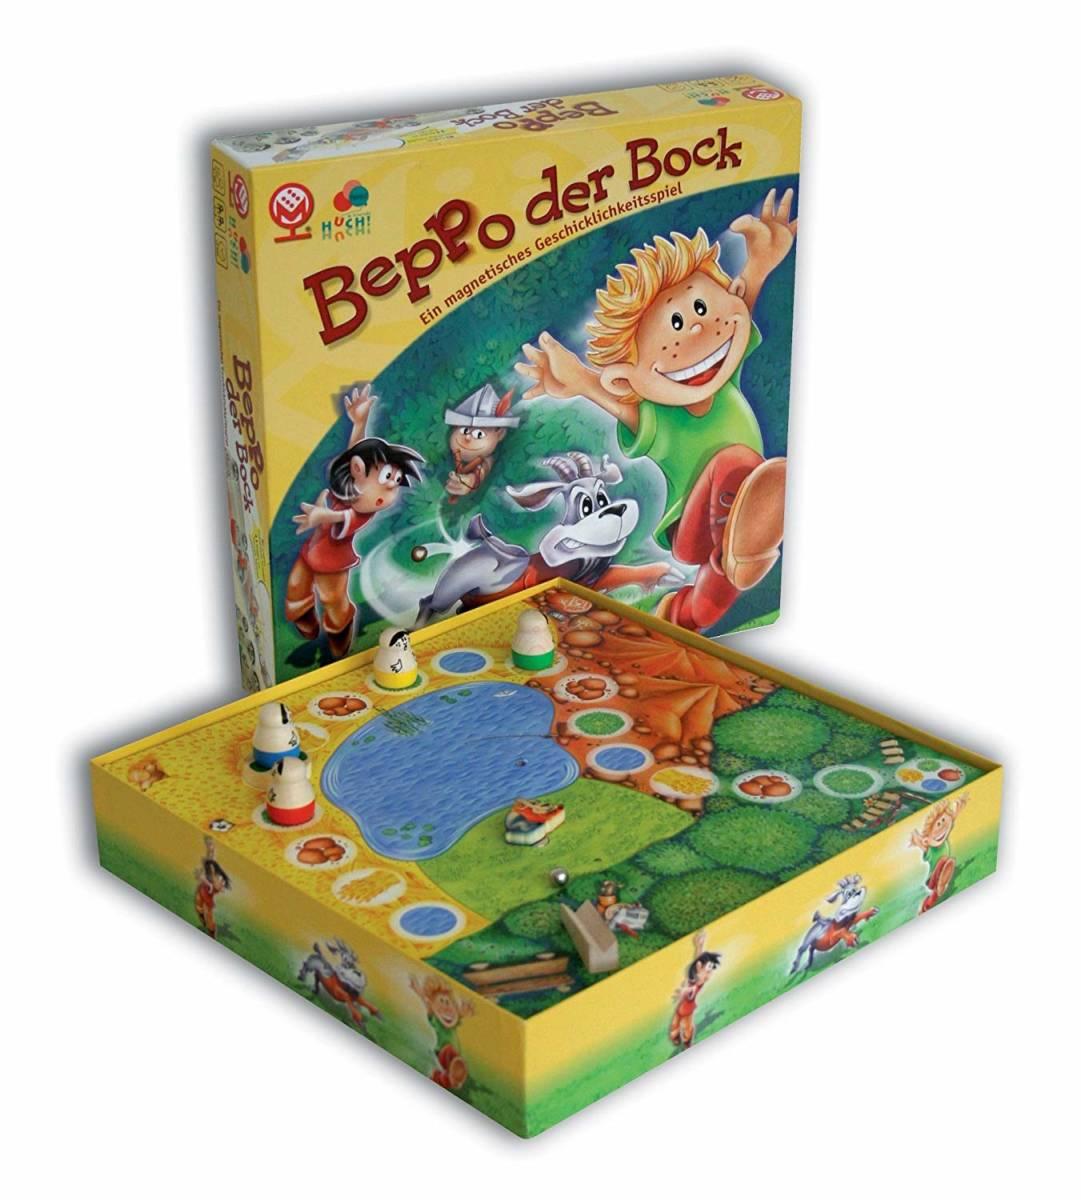 ■□ヤギのベッポ/Beppo der Bock ボードゲーム□■_画像7